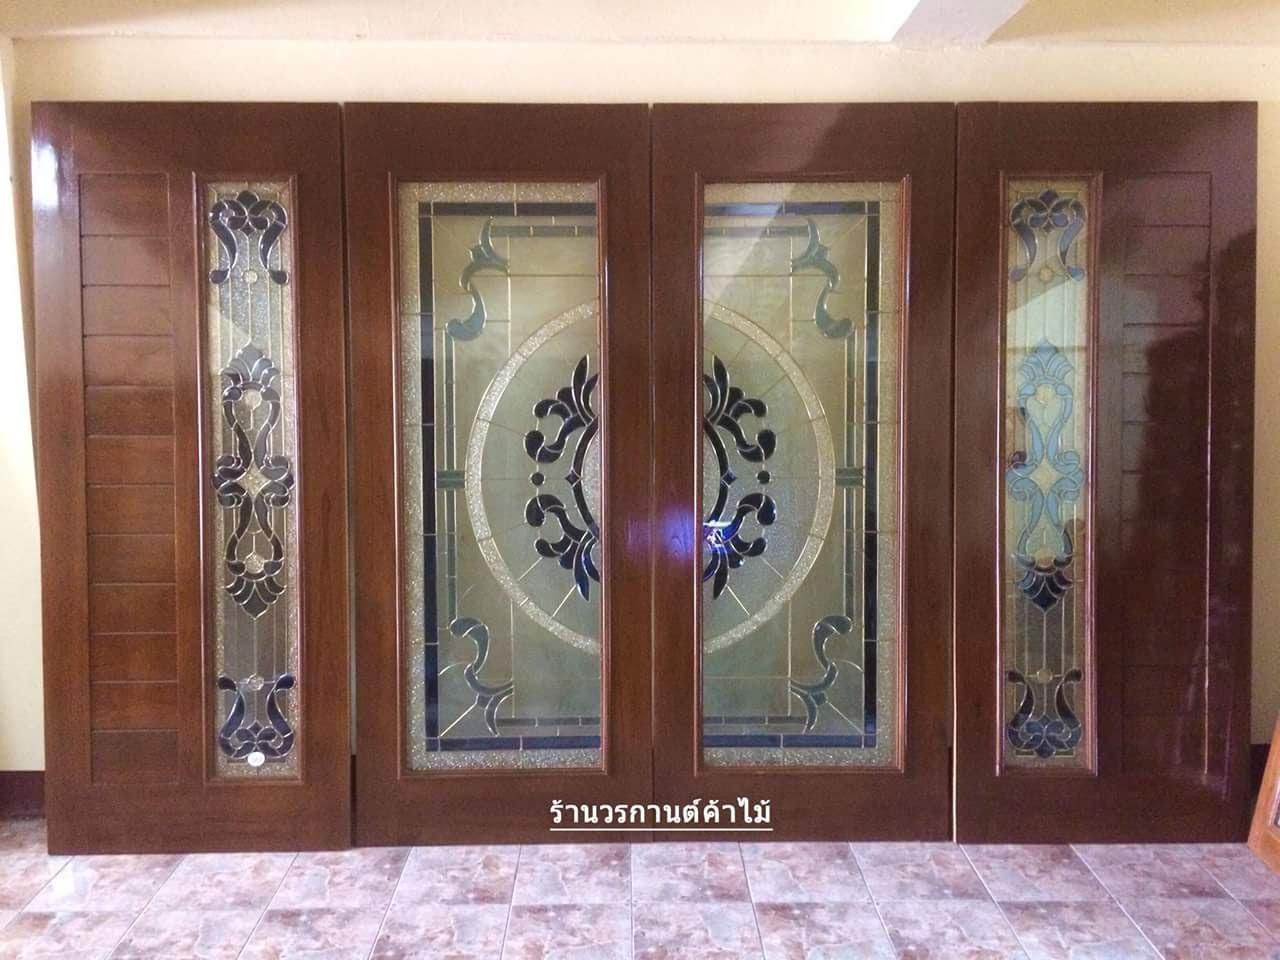 ประตูไม้สักกระจกนิรภัยเต็มบาน ชุด4ชิ้น รหัสAAA30